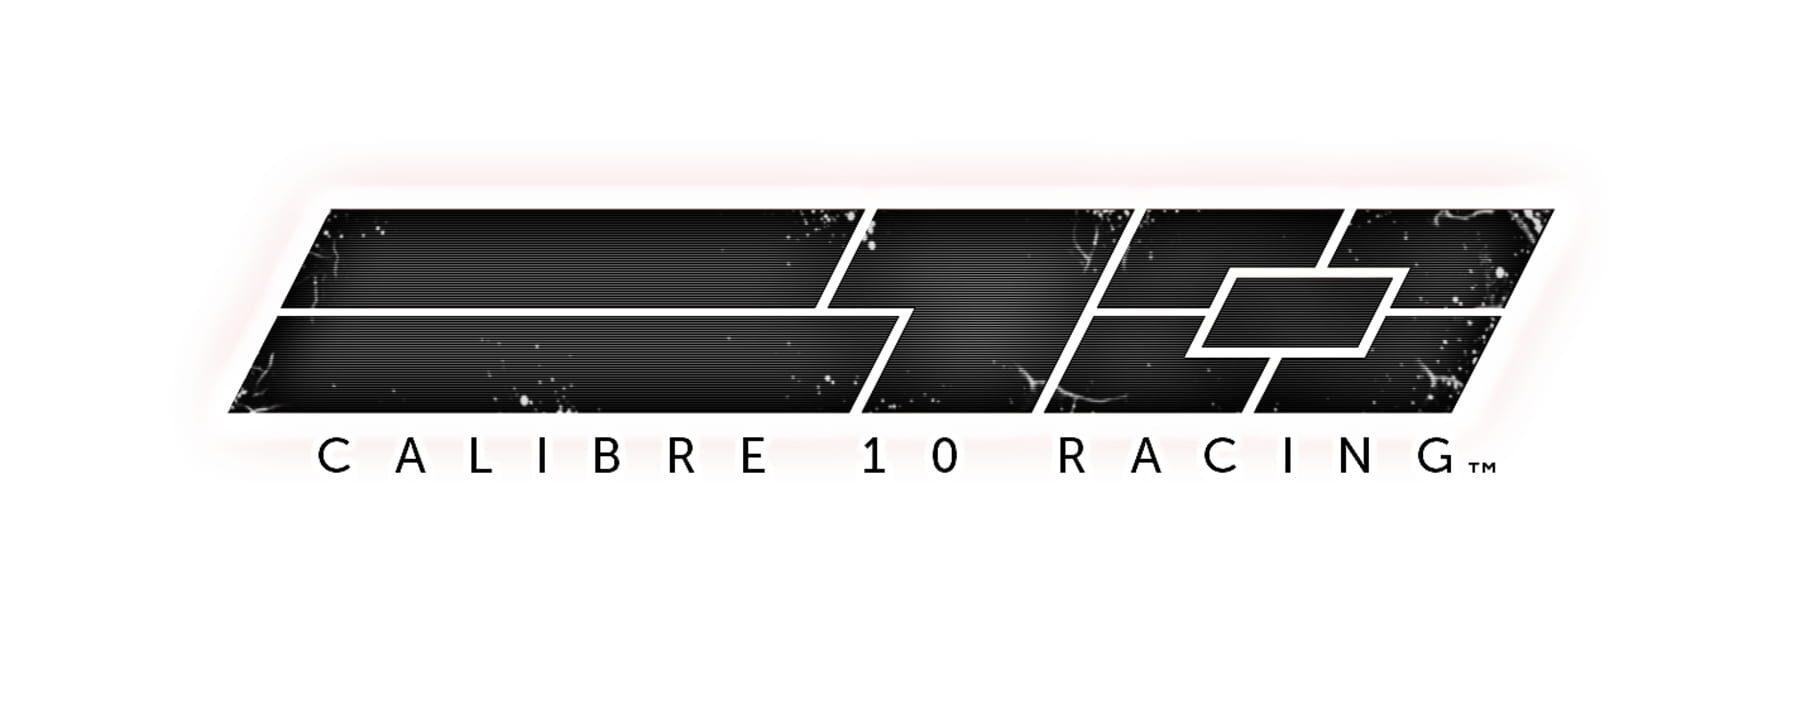 buy Calibre 10 Racing Series cd key for all platform